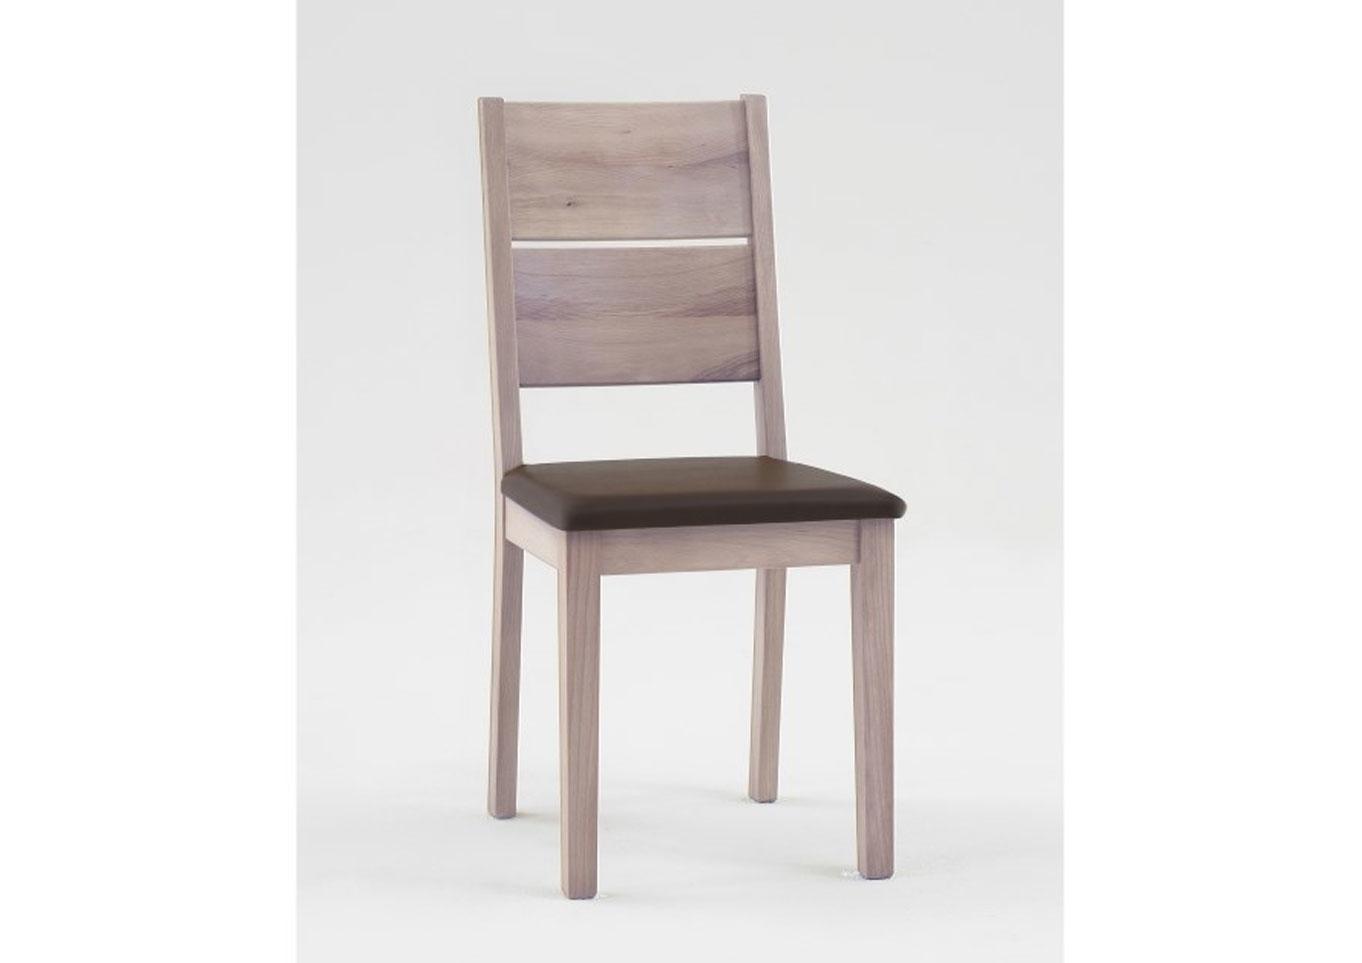 Esszimmer Stuhl Rom aus Massivholz, Bild 3